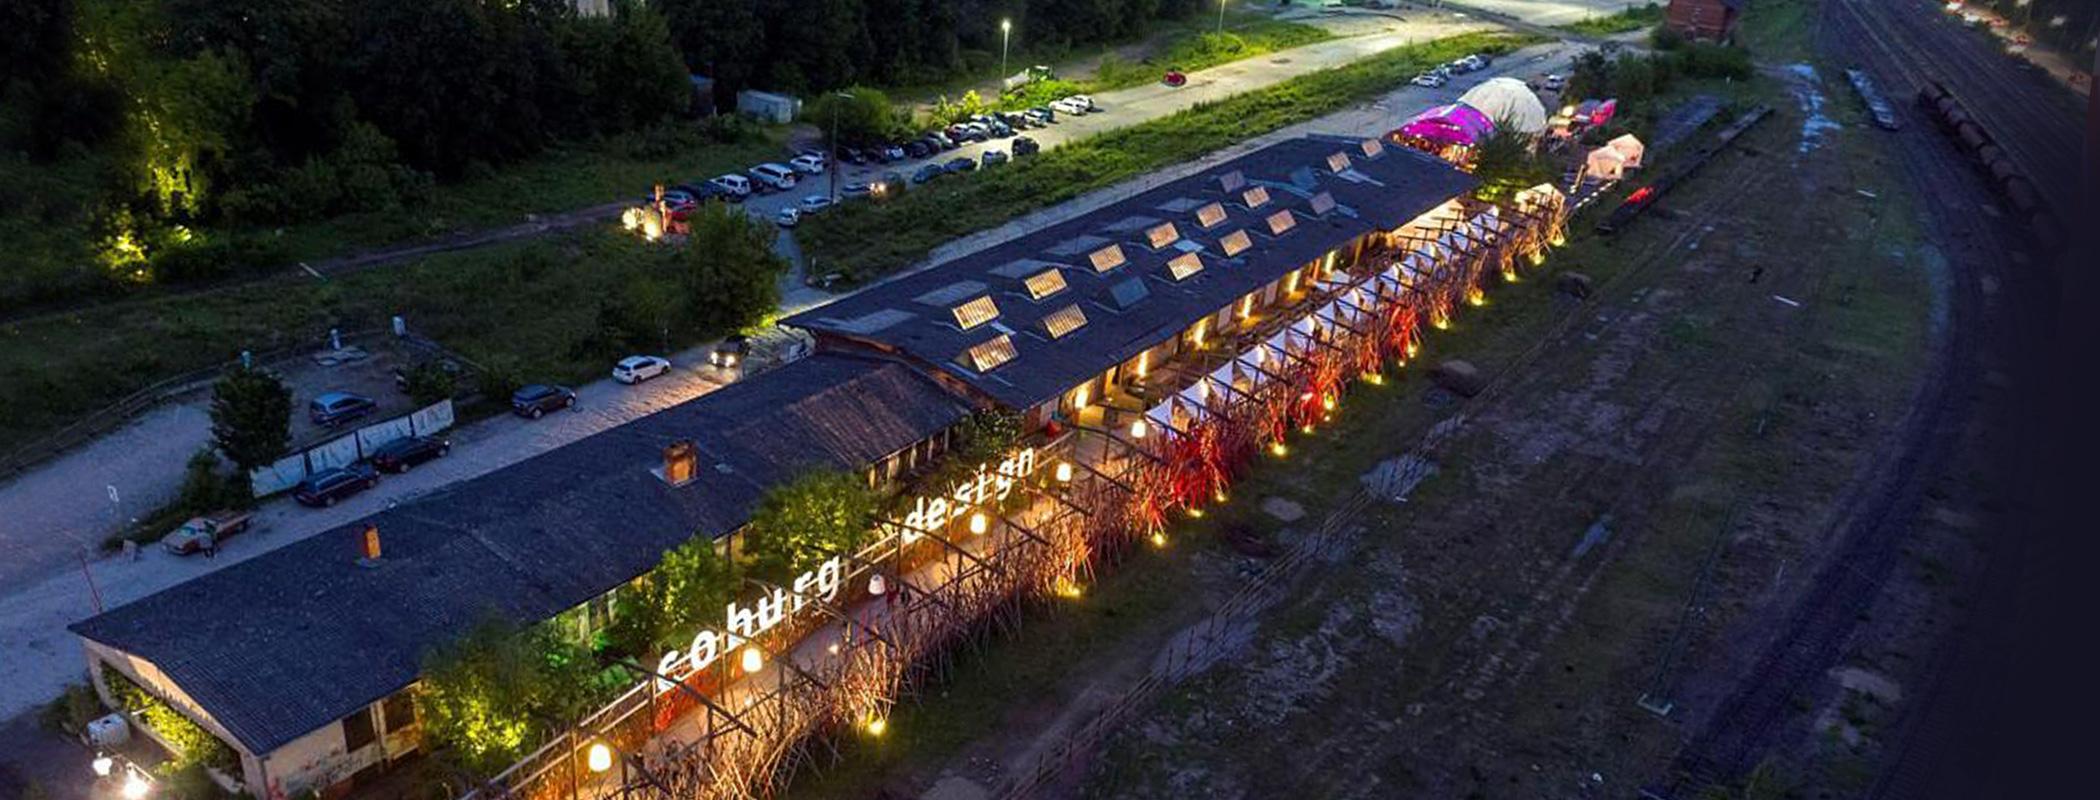 Umschlagplatz-Coburg-Gelaende-Pakethallen-01